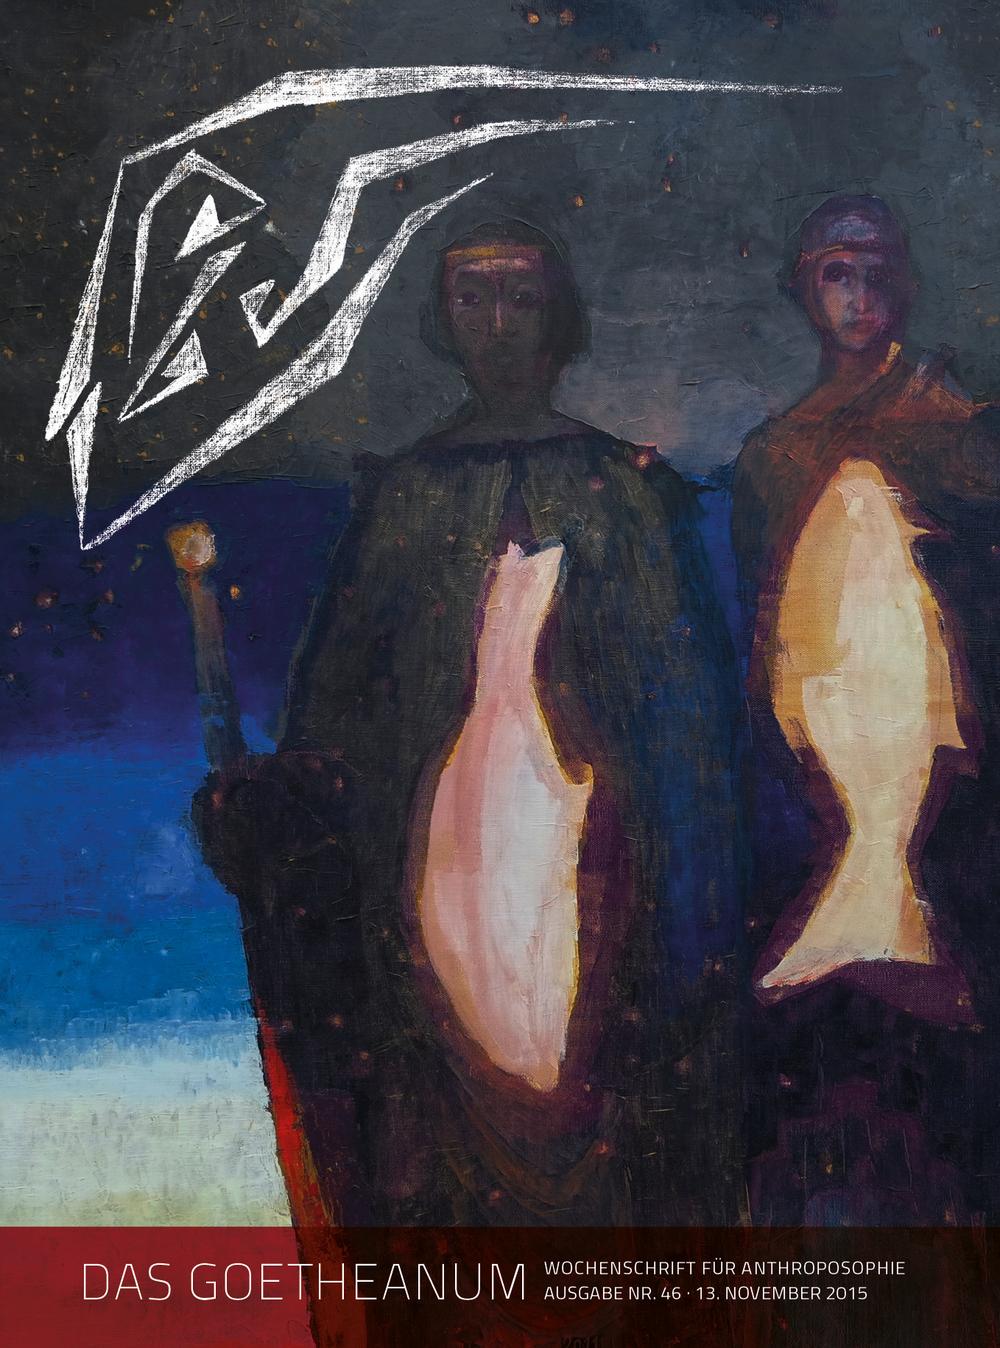 Zvi Szir: Das Figurative, das Geschichtliche und das Imaginative gehören in die kommende Kunstgeschichte, es ist Zeit, endlich ernst die Frage zu stellen: Wie soll das Bild des Geistes nach dem Ende der Moderne aussehen? Trauen wir uns, eine Antwort malend zu suchen? Bild: ‹Scythian Angel 2012› von Zoltán Döbröntei